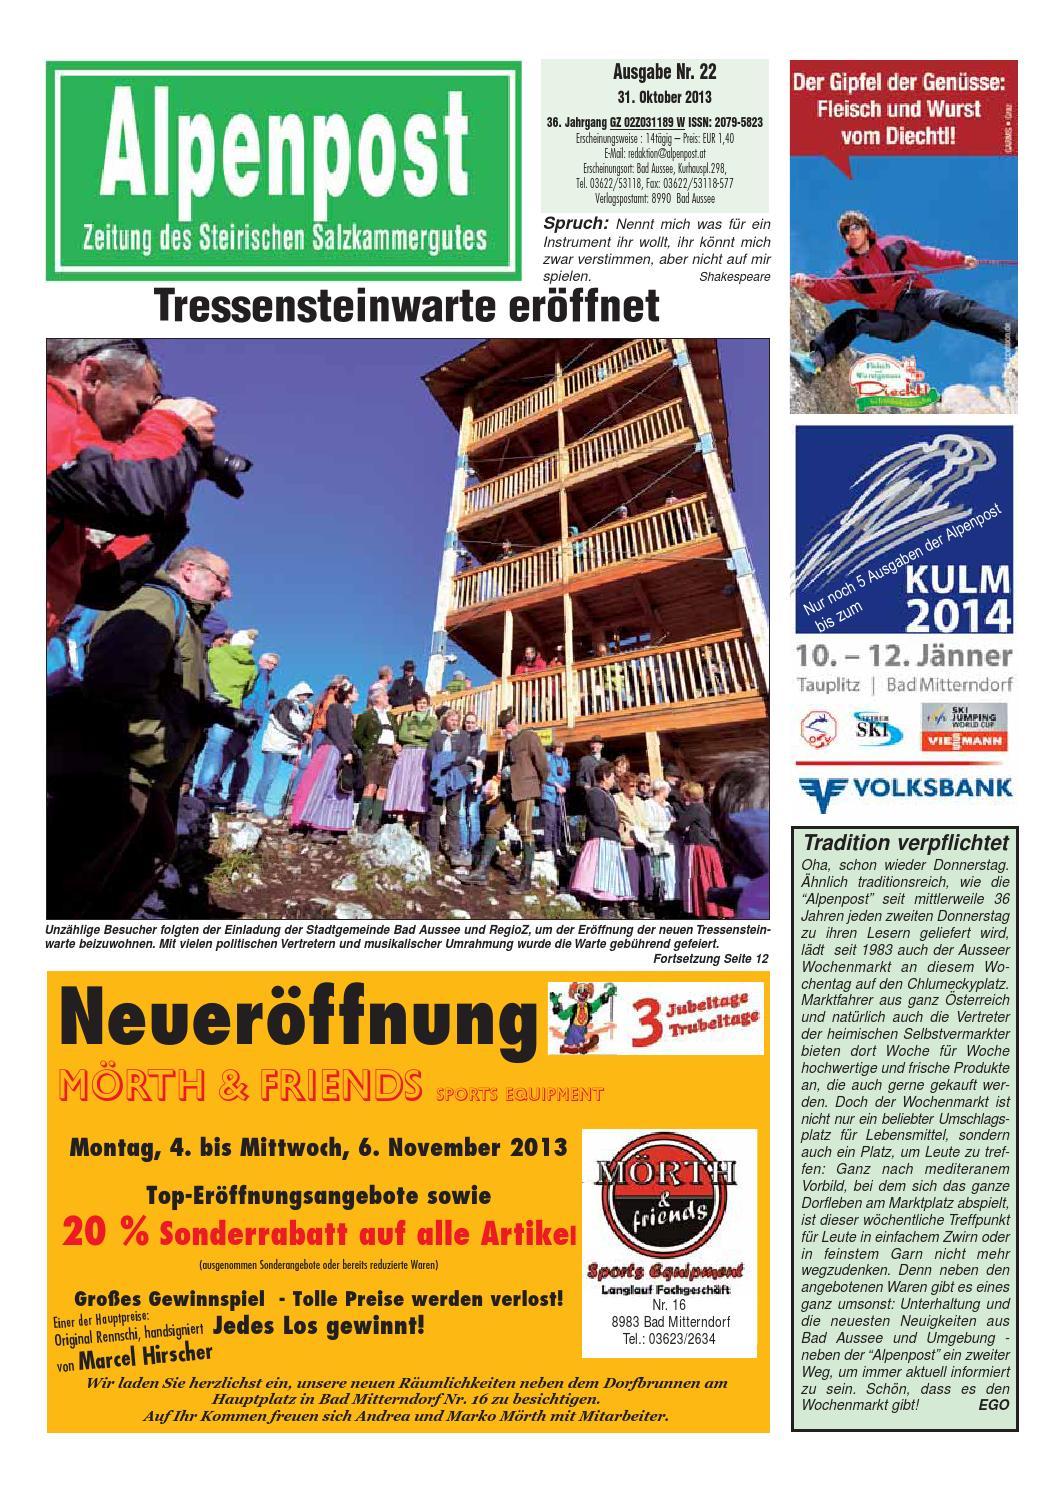 Bad Mitterndorf Single Aktiv Sitzendorf An Der Schmida